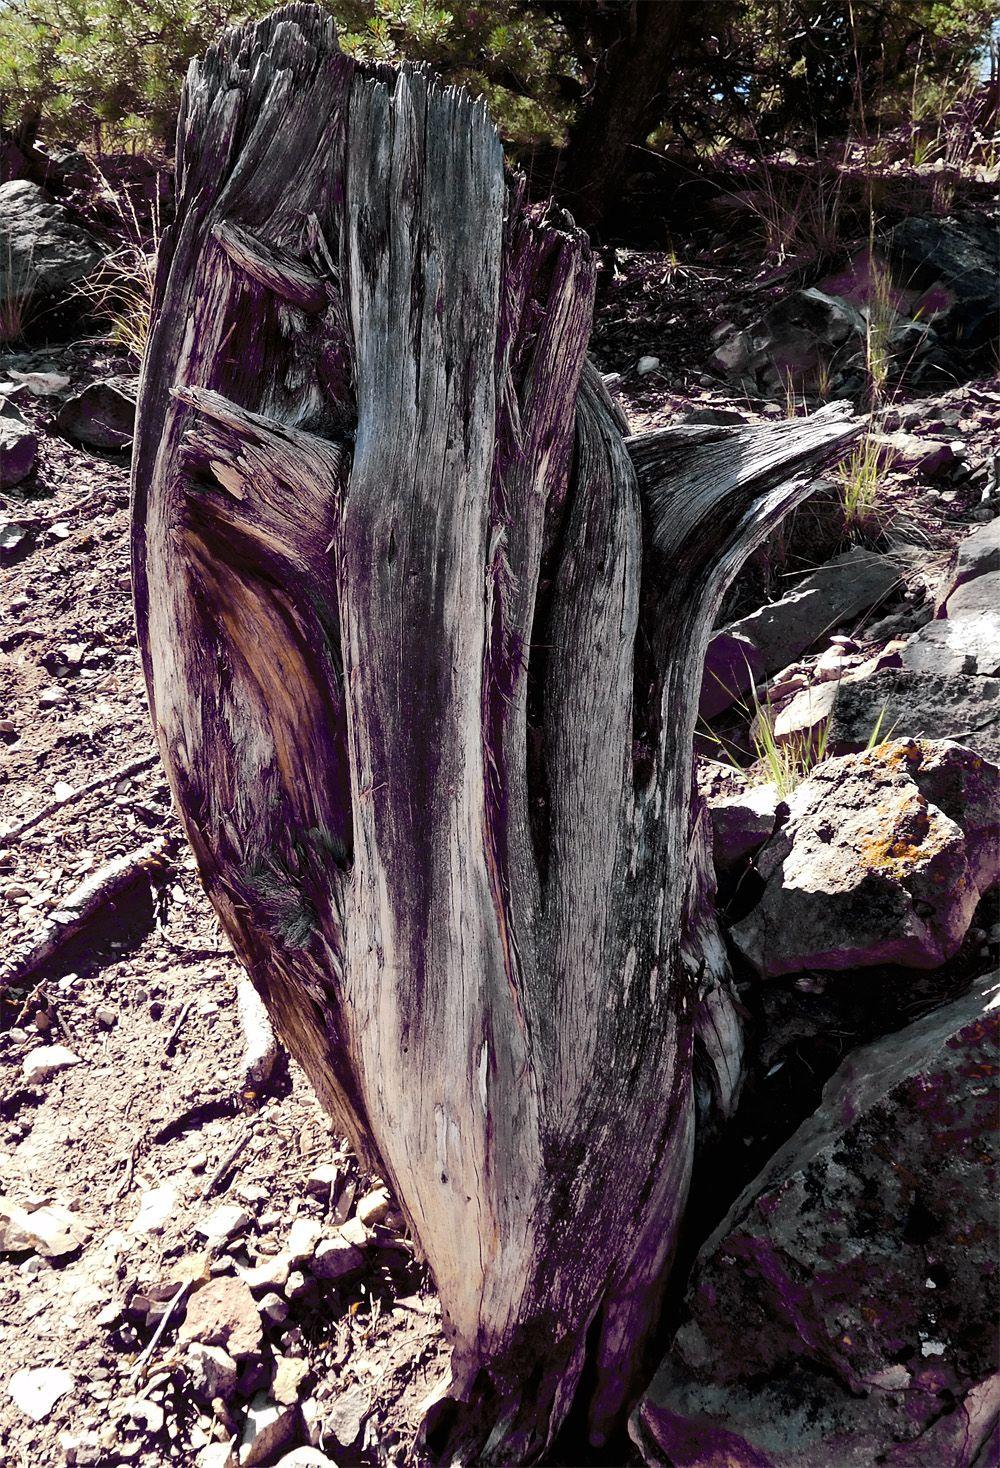 Nature's sculpture - photo by Merik